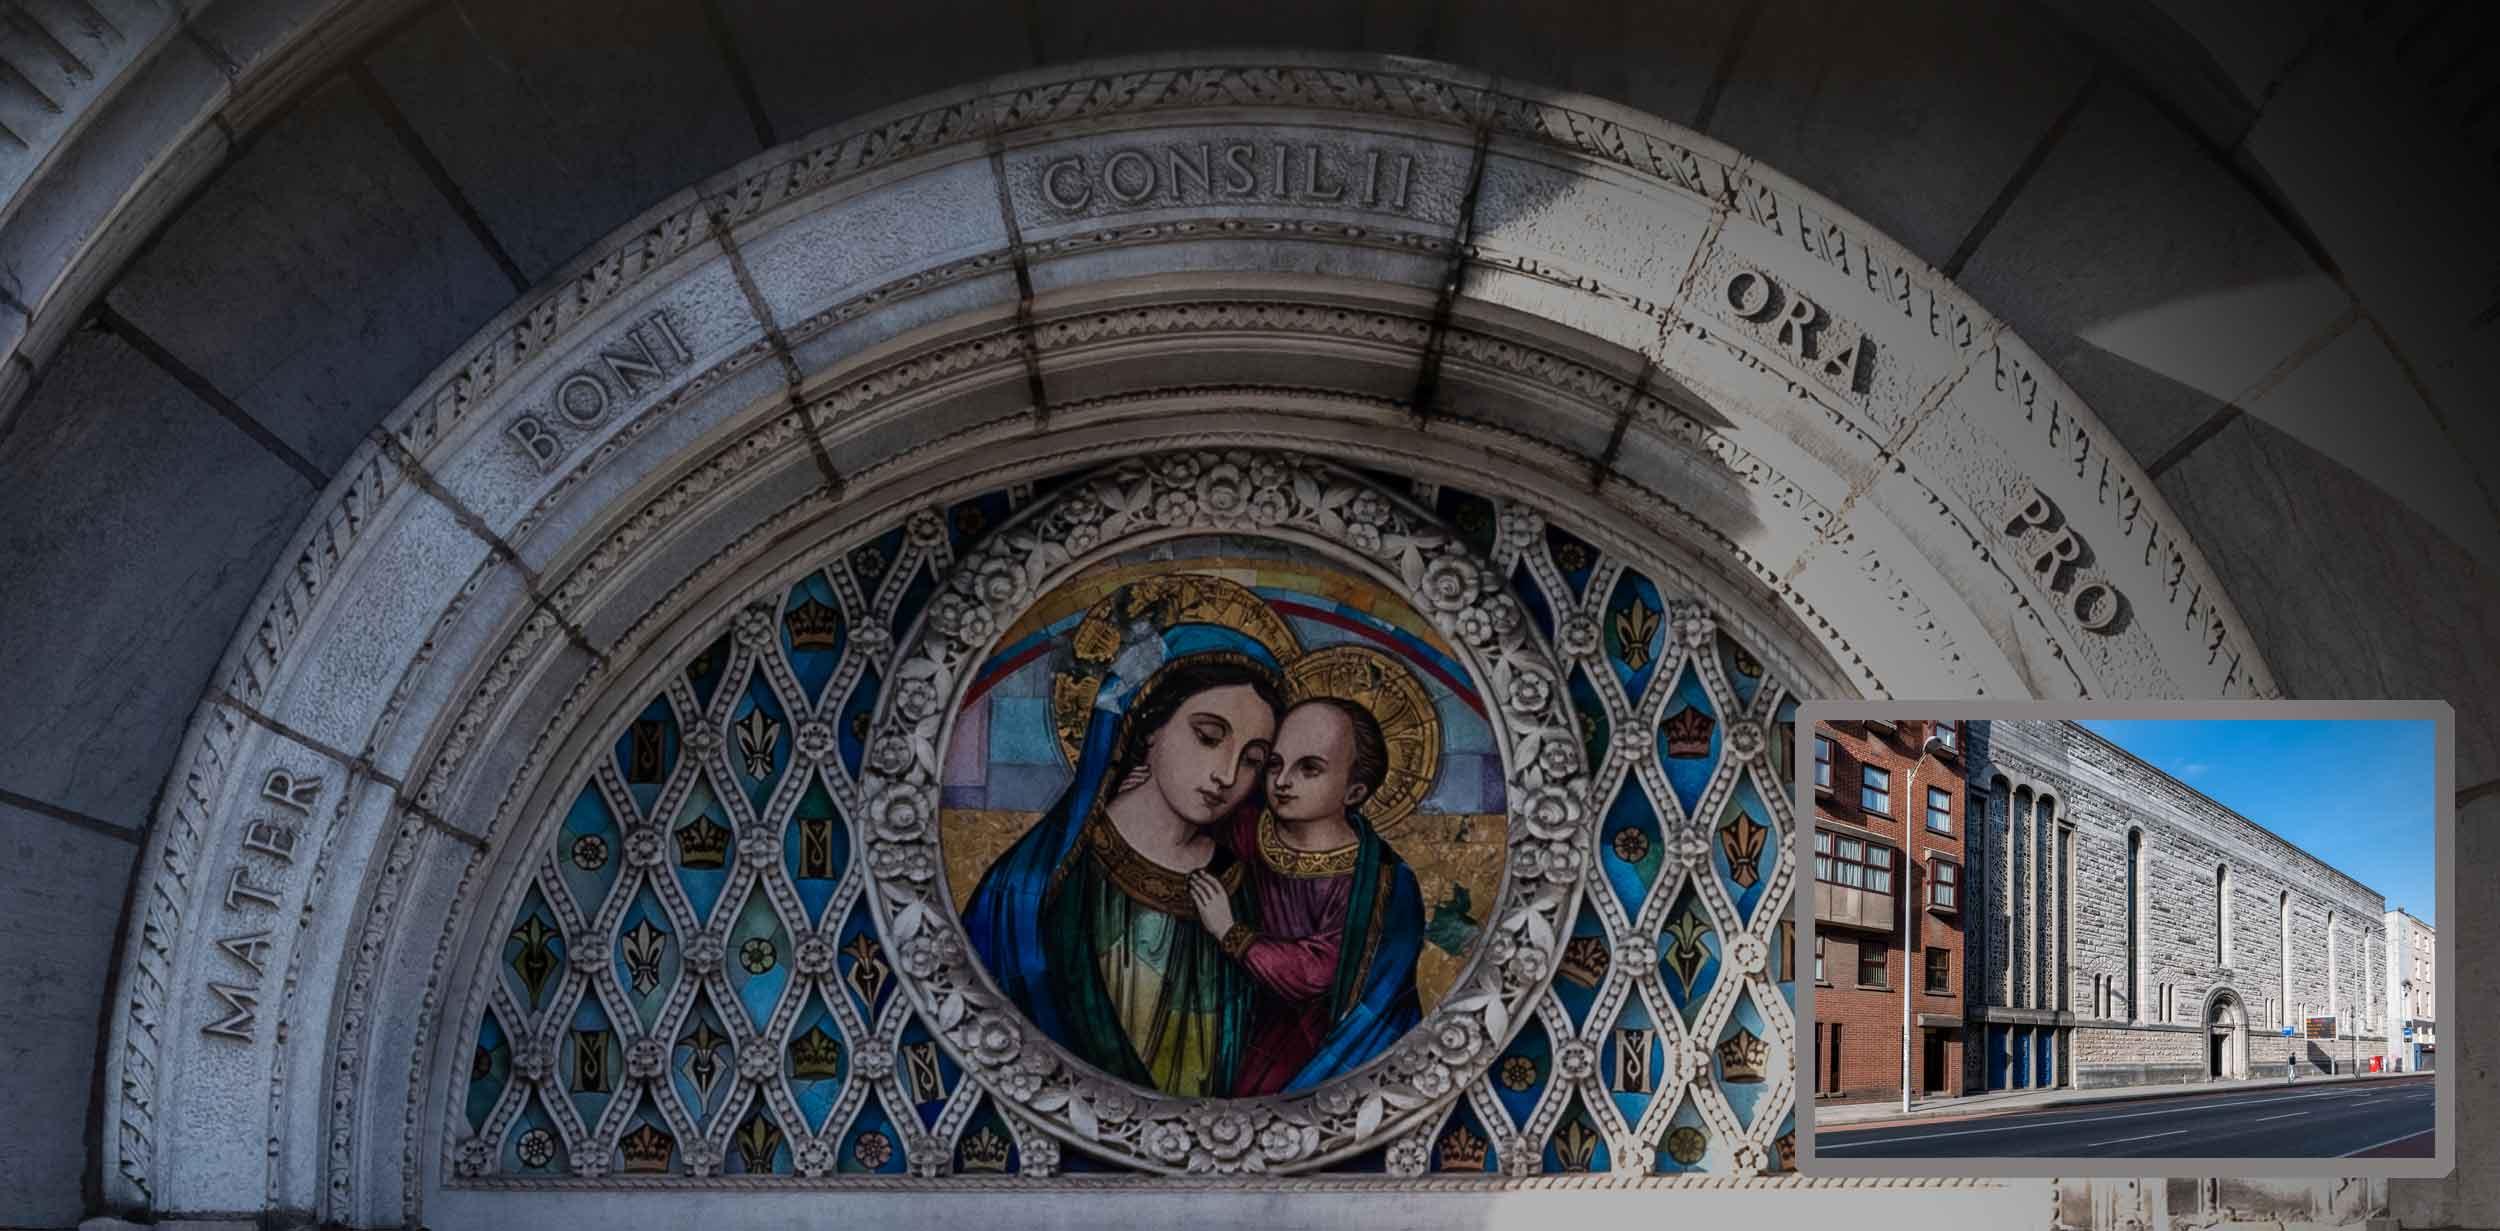 St. Augustine's Church, Cork